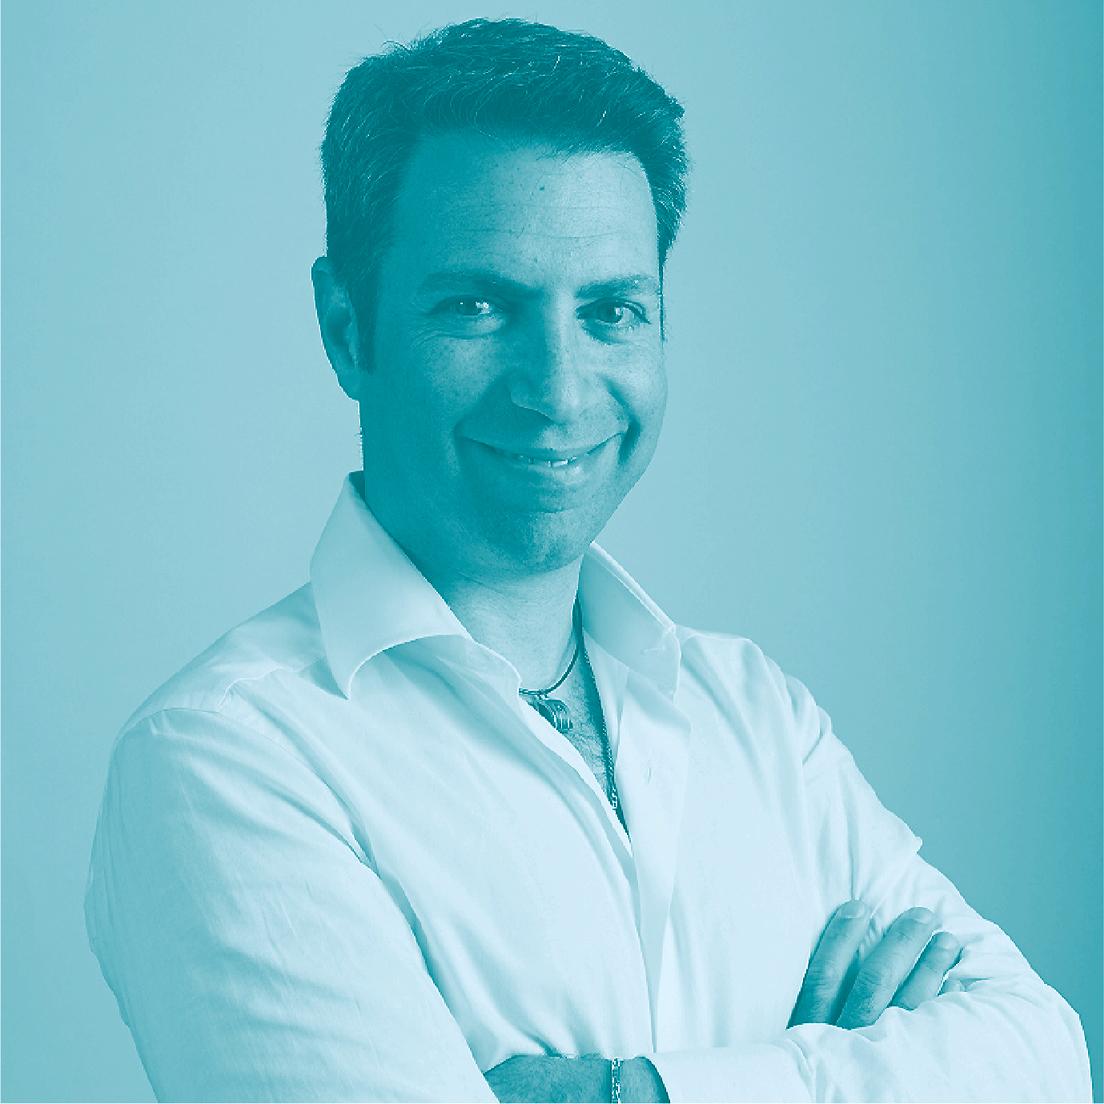 Dr. Mohammed Farapzey